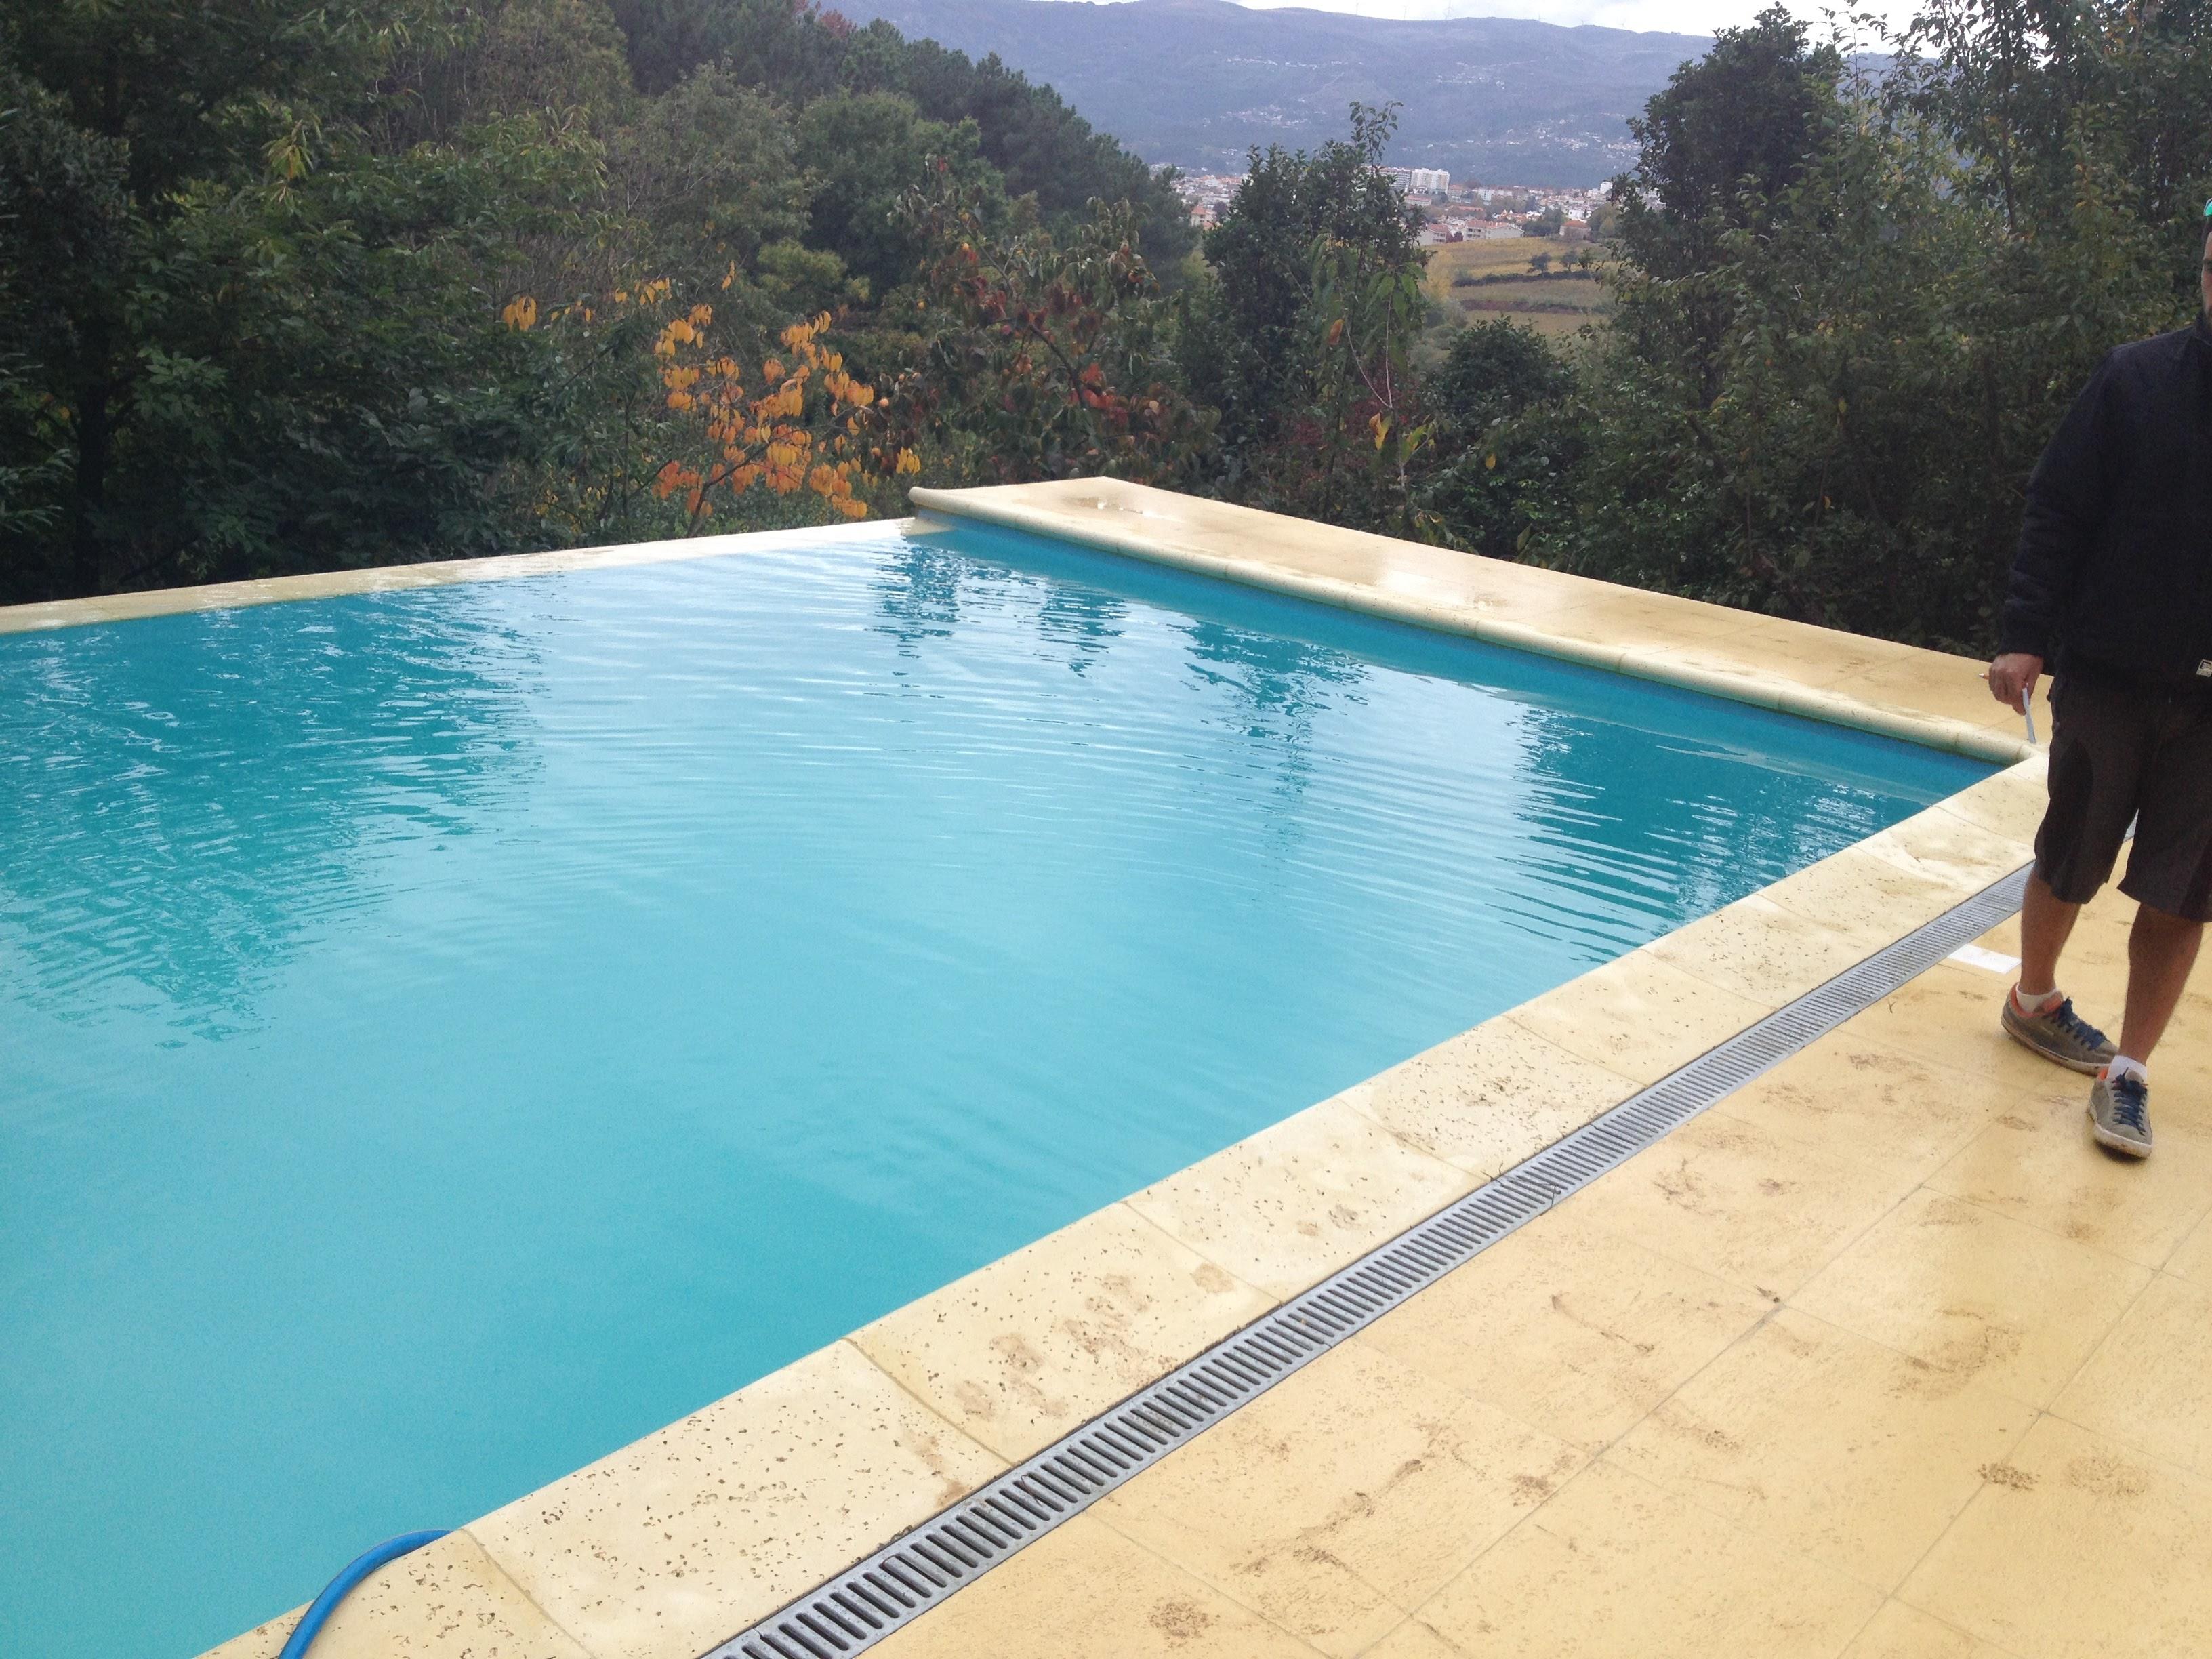 Piscina residencial vila real reken piscinas for Piscina residencial